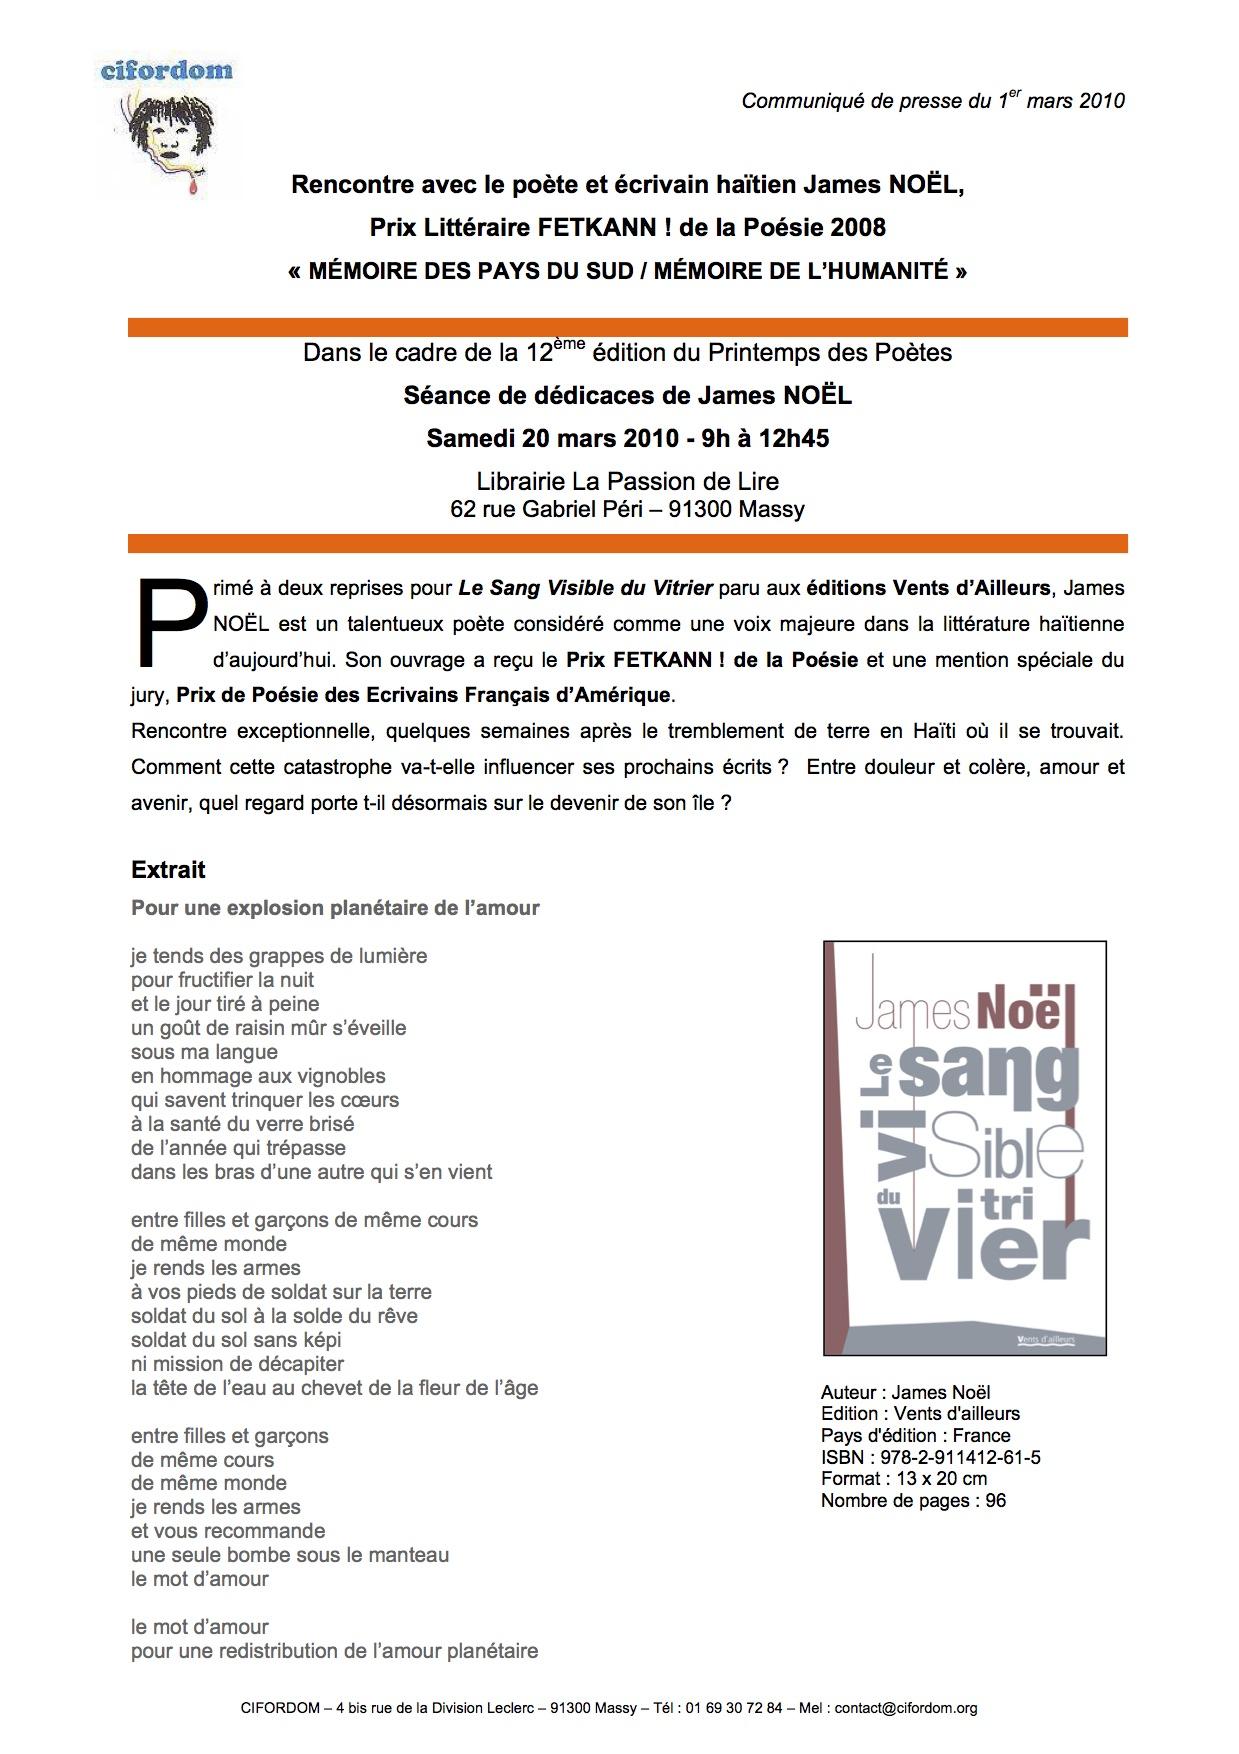 CommuniquédédicacesJamesNoël20_03_2010-1